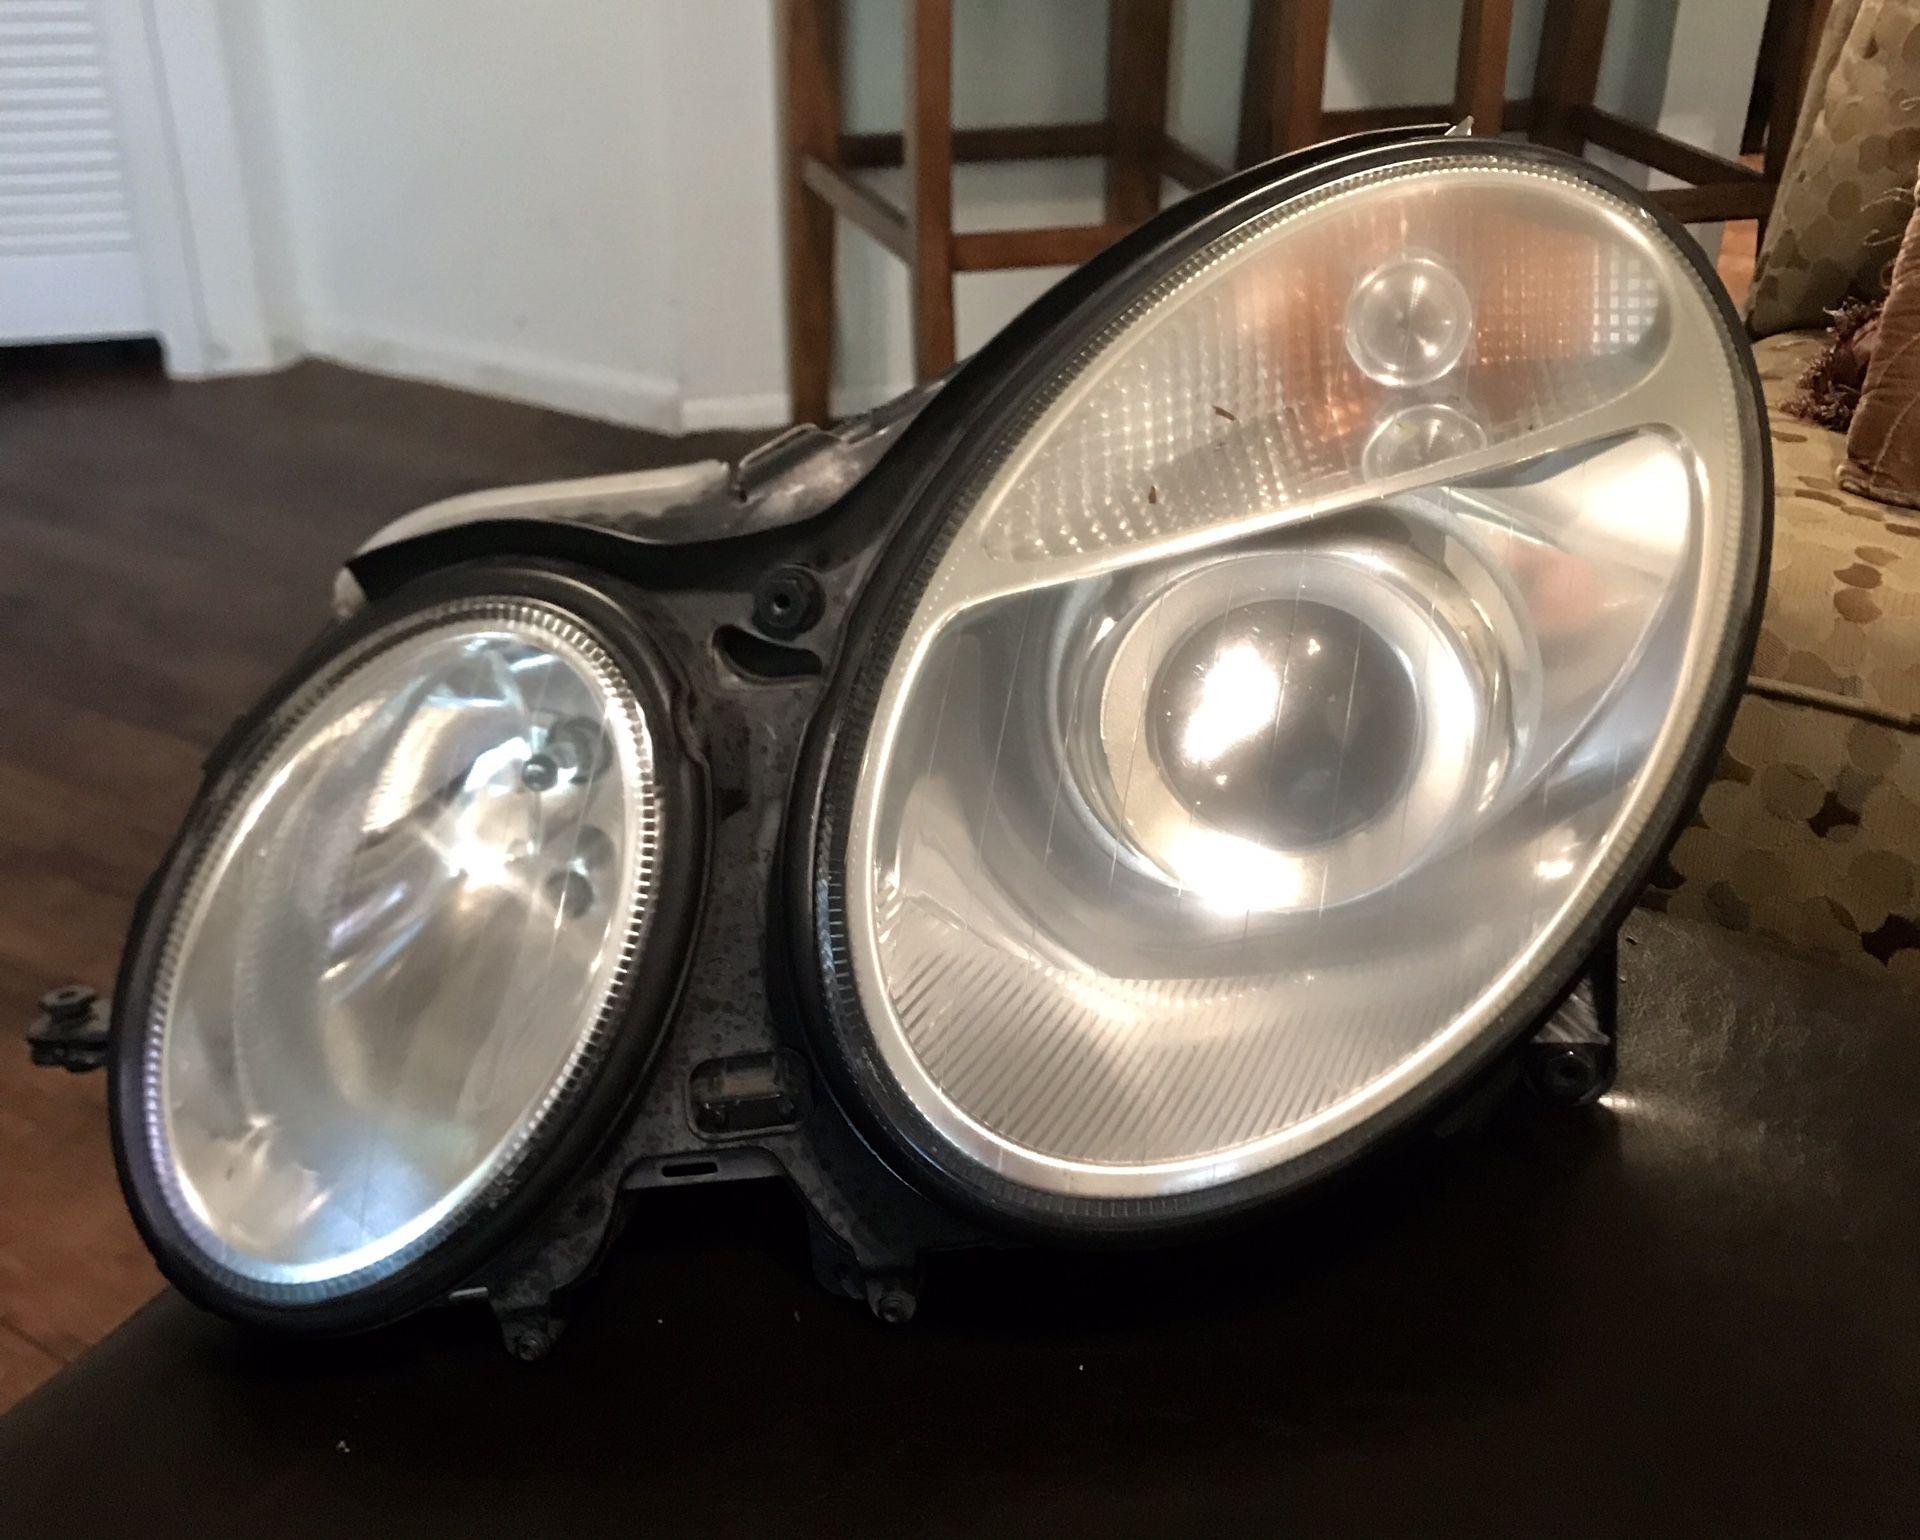 HEAD LAMP-DRIVER SIDE FOR A MERCEDES BENZ E-350 2005-2007....Lámpara delantera lado conductor para Mercedes BENZ E-350 del 2005 al 2007